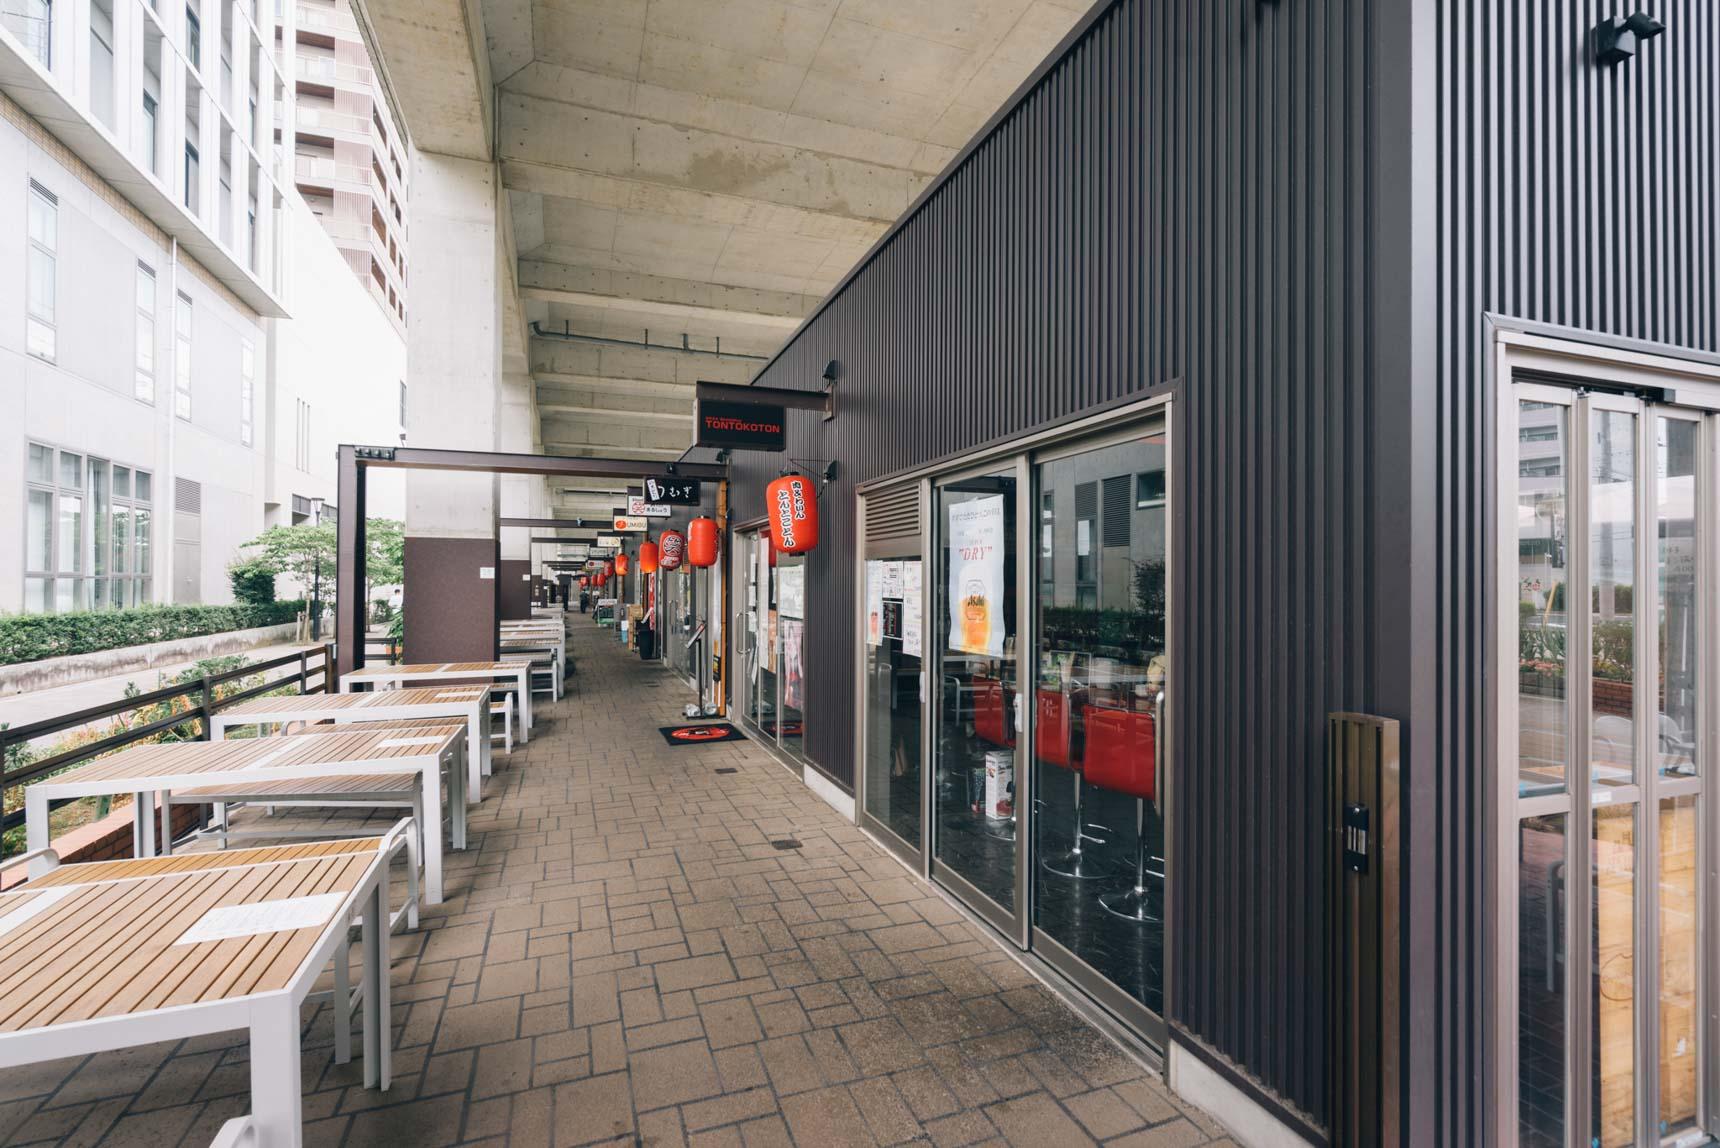 駅の高架下には、2019年春に全体オープンしたばかりの「駆け出し横丁」。飲食店とランナーズステーション機能を備えたカフェが入る、ユニークな施設です。